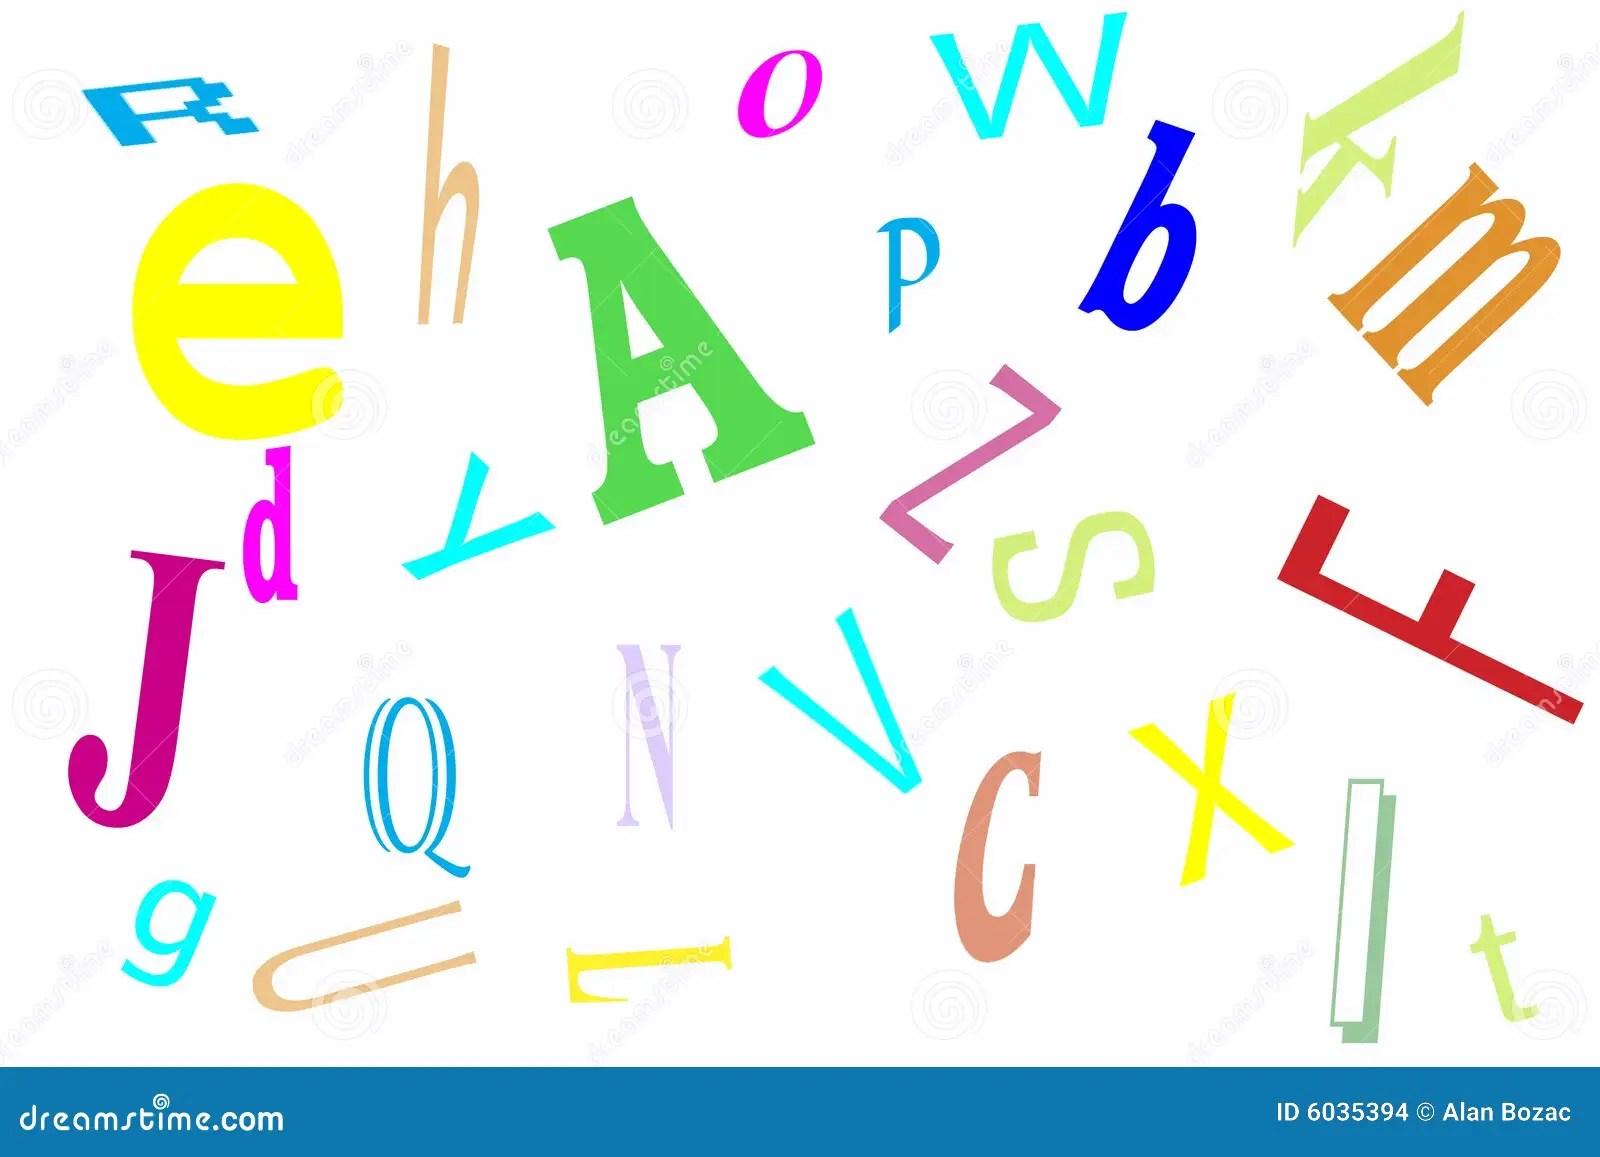 Alphabet Jumble Stock Illustration Illustration Of